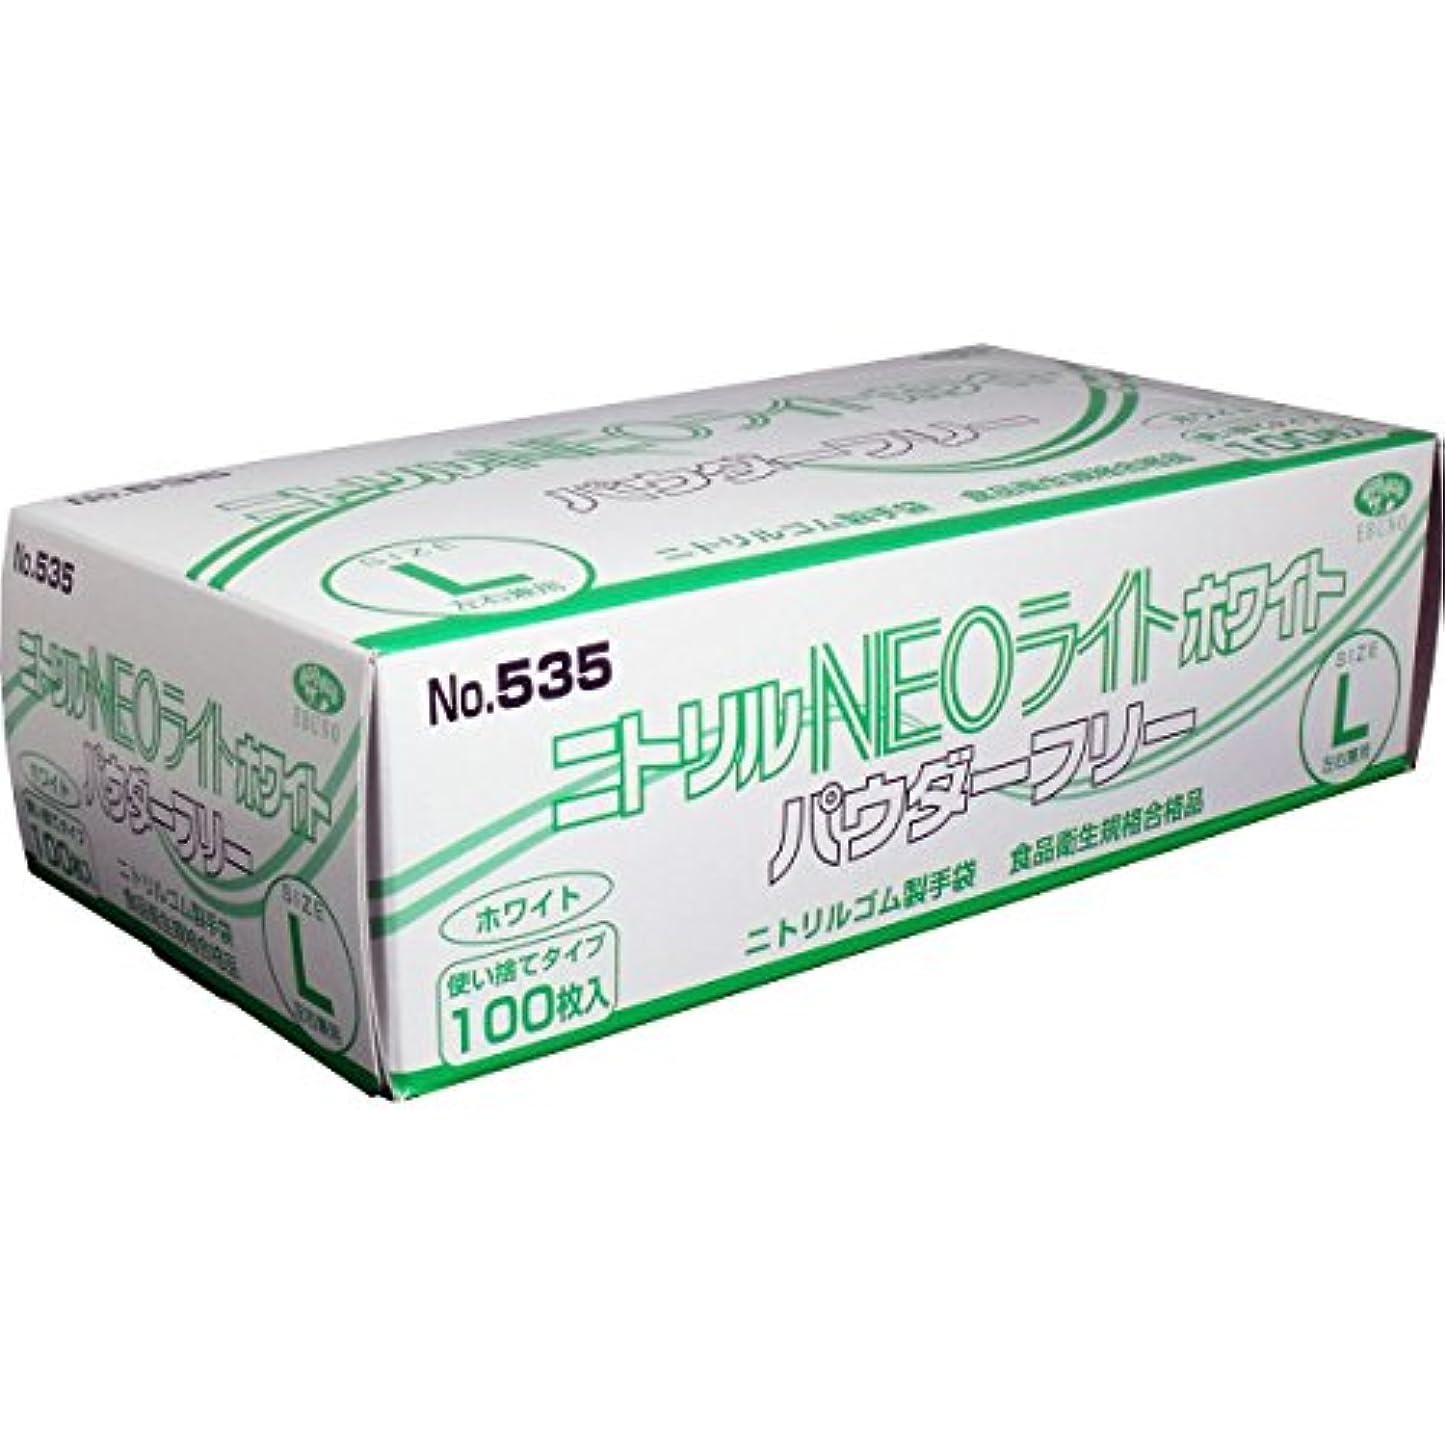 表面祈り子供時代ニトリル手袋 NEOライト パウダーフリー ホワイト Lサイズ 100枚入 ×10個セット